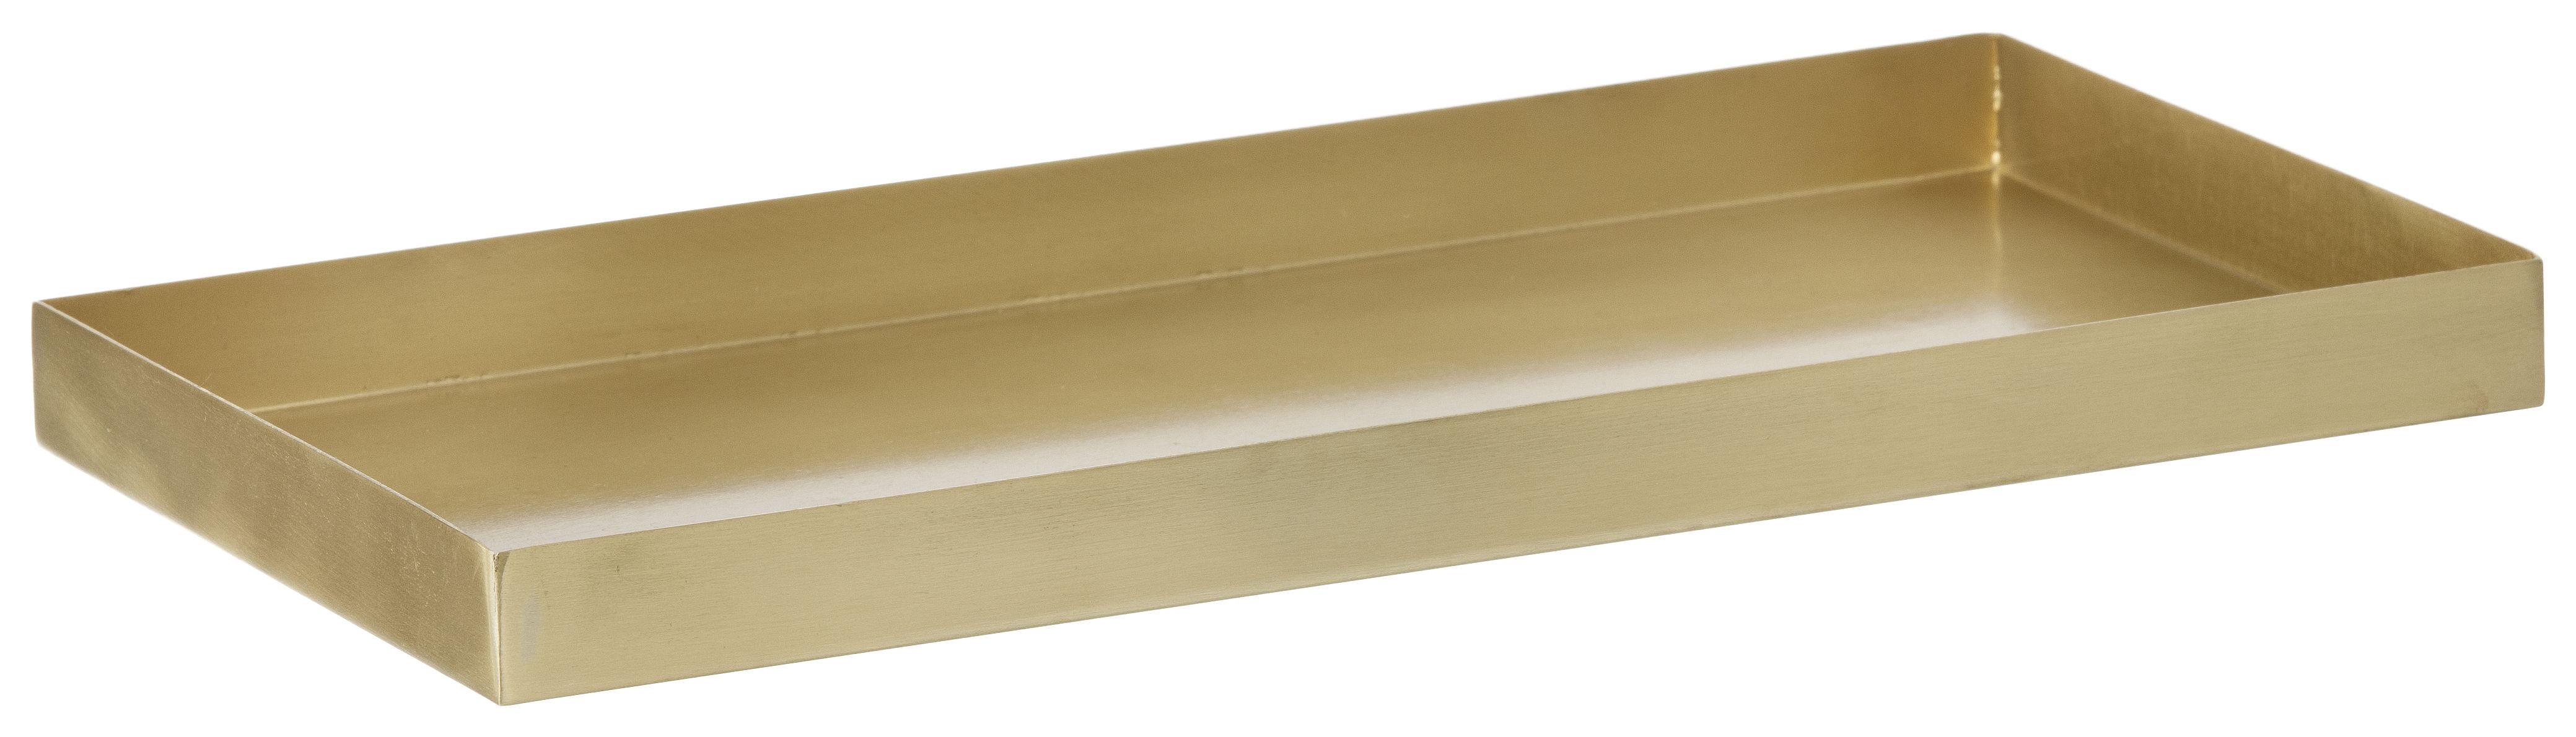 Accessoires - Accessoires bureau - Plateau Brass / Vide-poche - 15 x 30 cm - Ferm Living - Laiton - Laiton